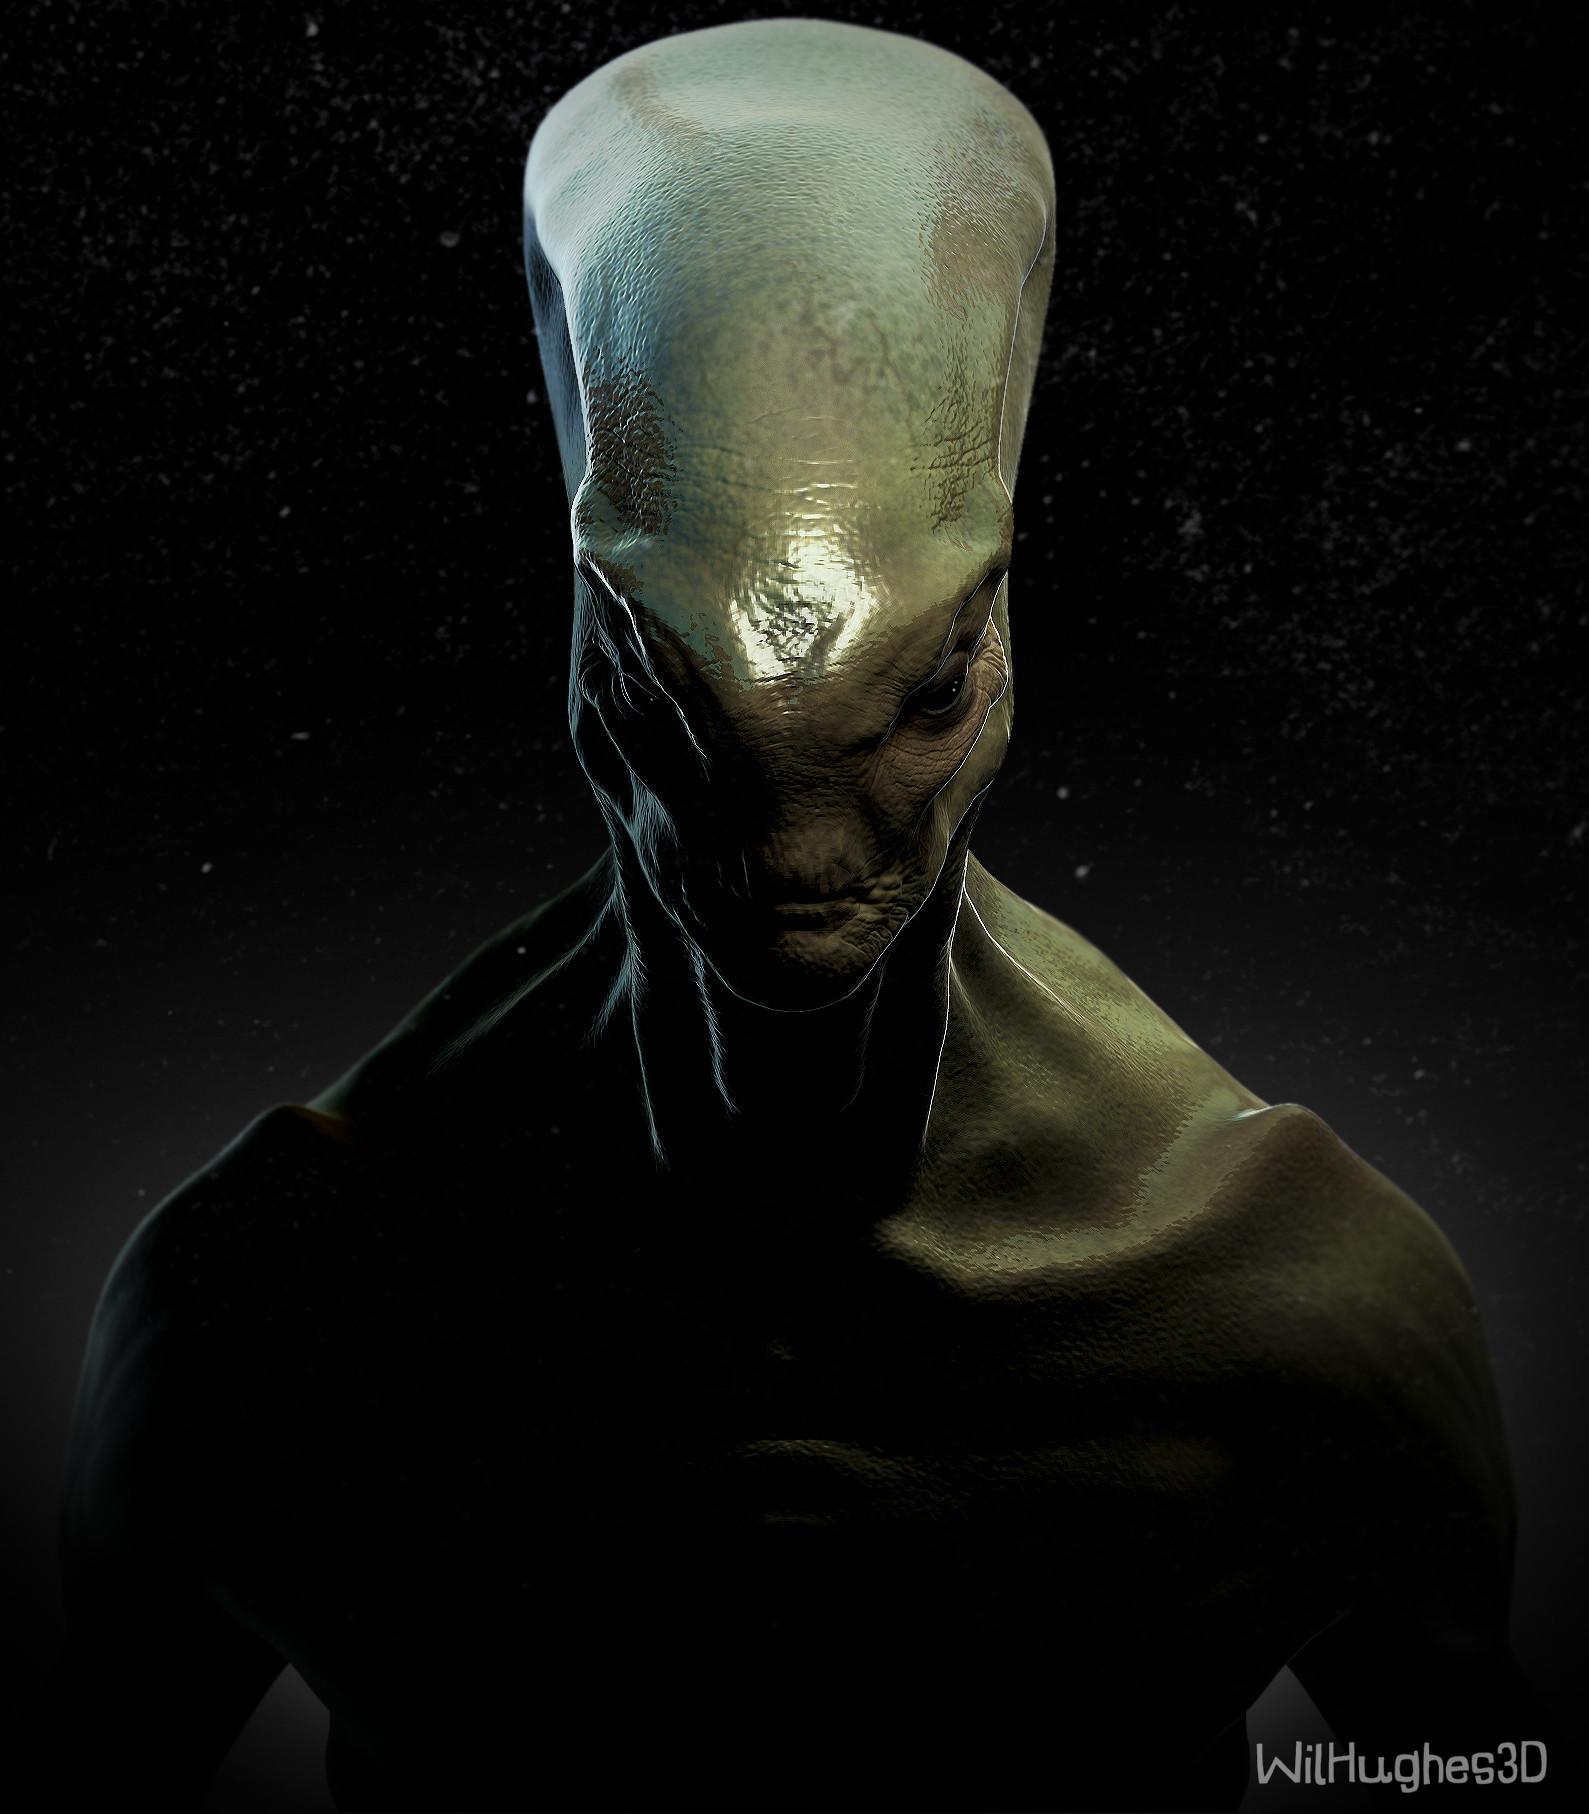 Wil hughes james alien front